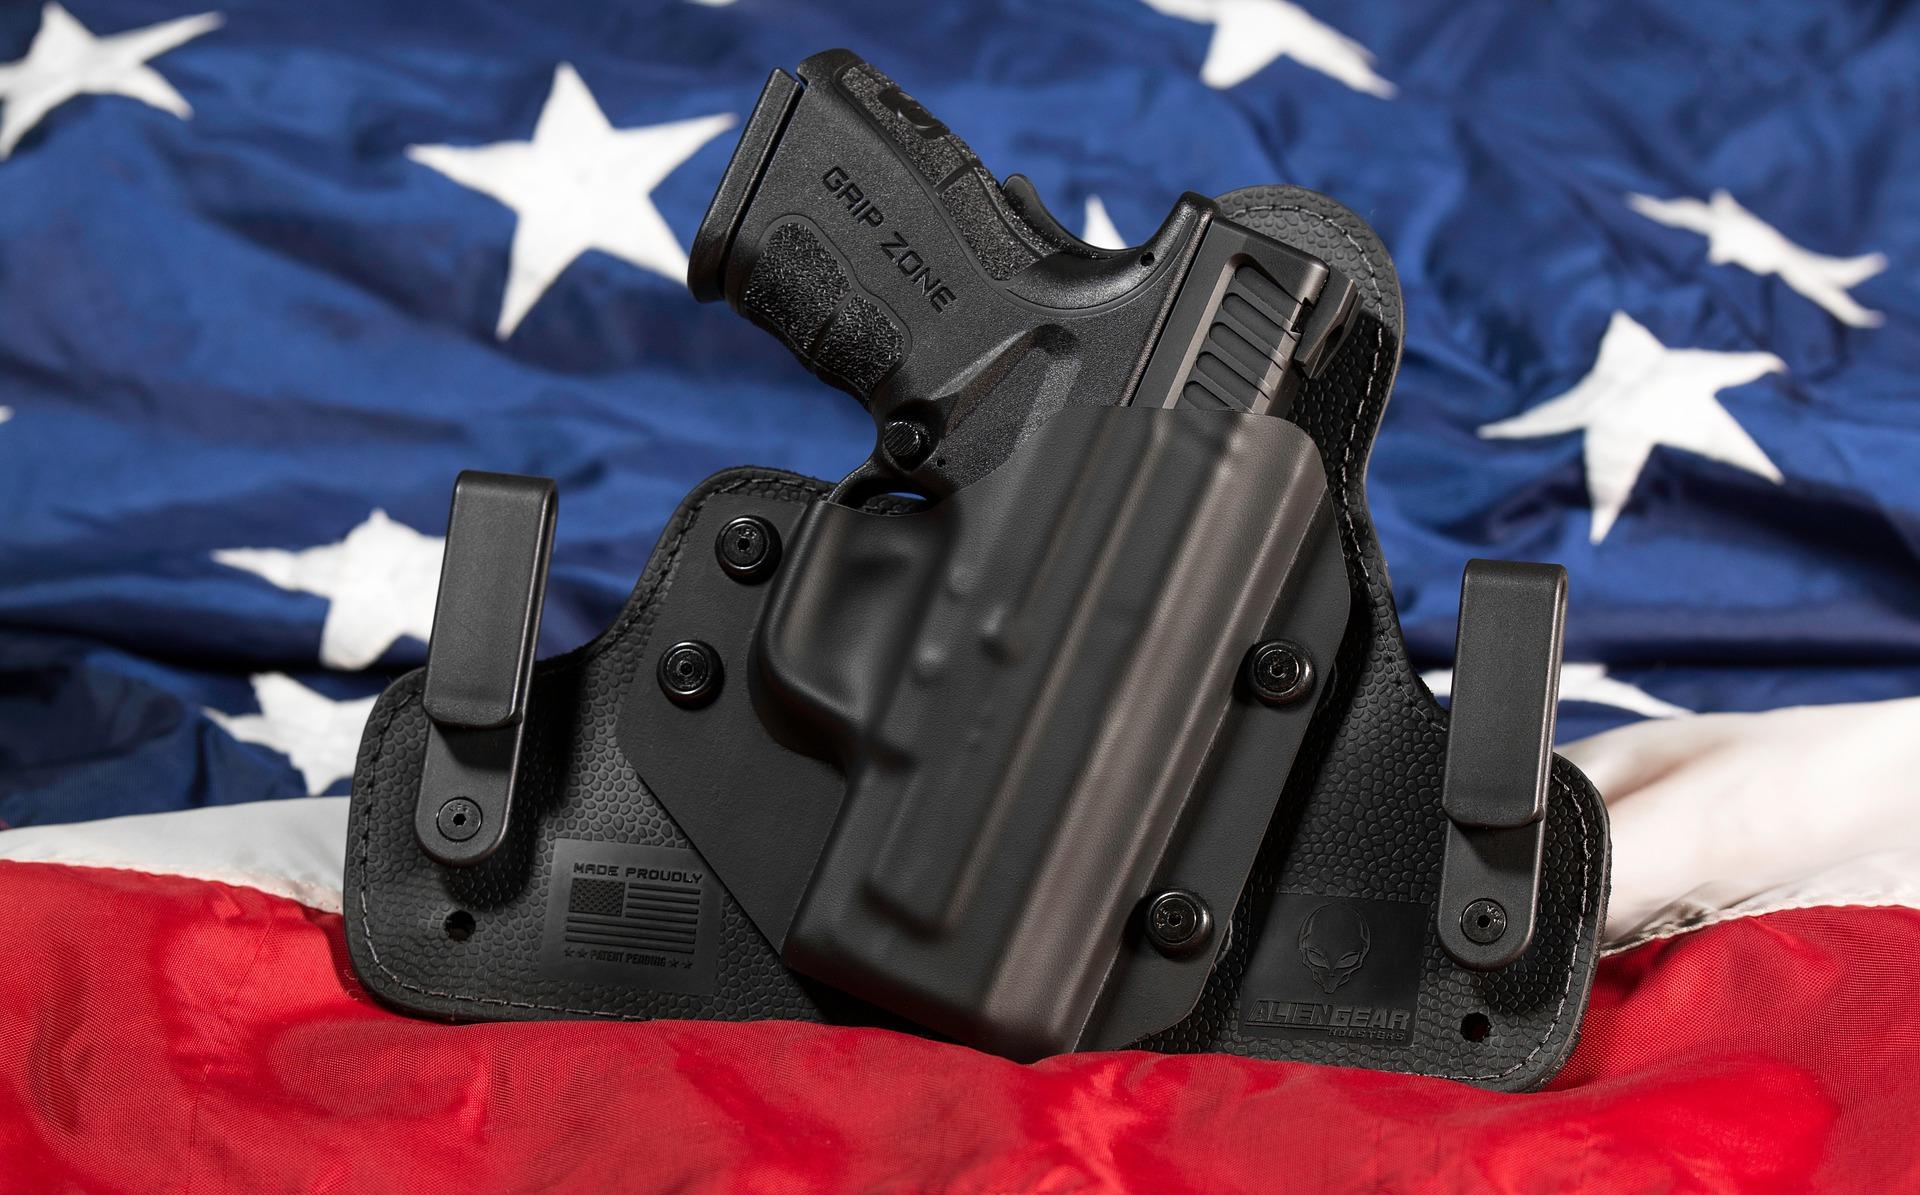 gun-1218708_1920.jpg